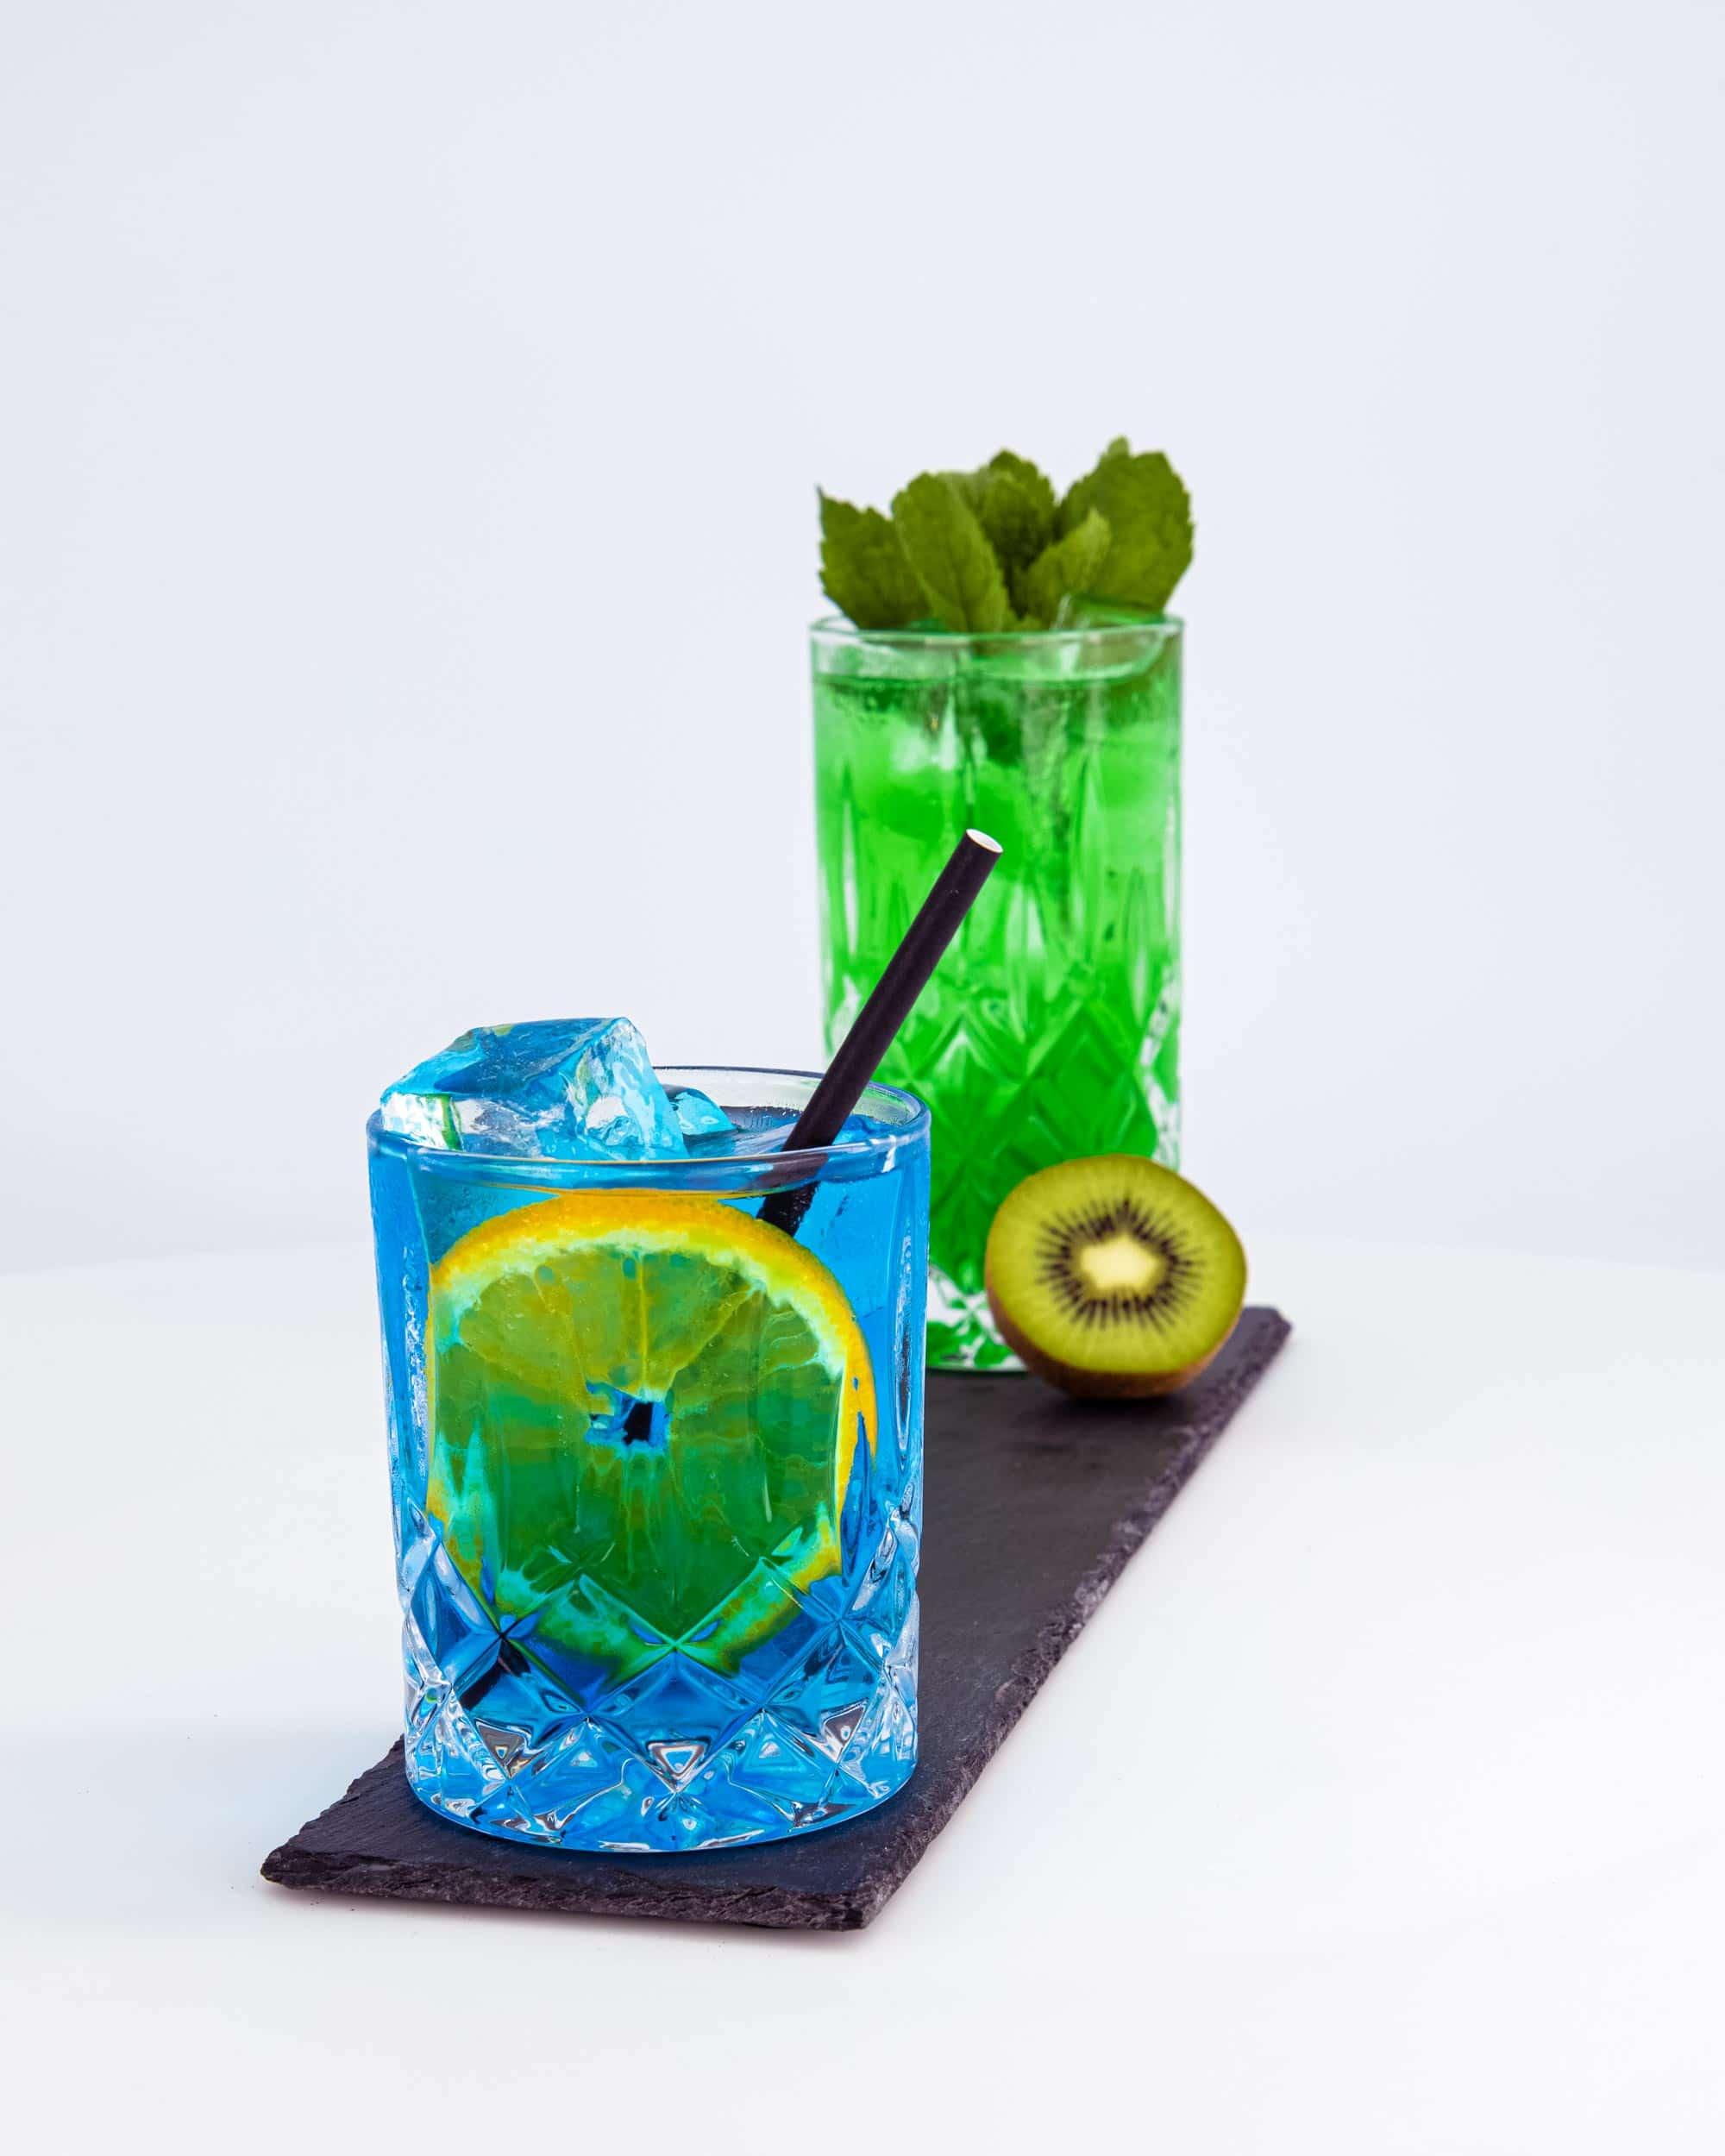 Die Netzwerkkapitäne - Cocktail Blau und Grün